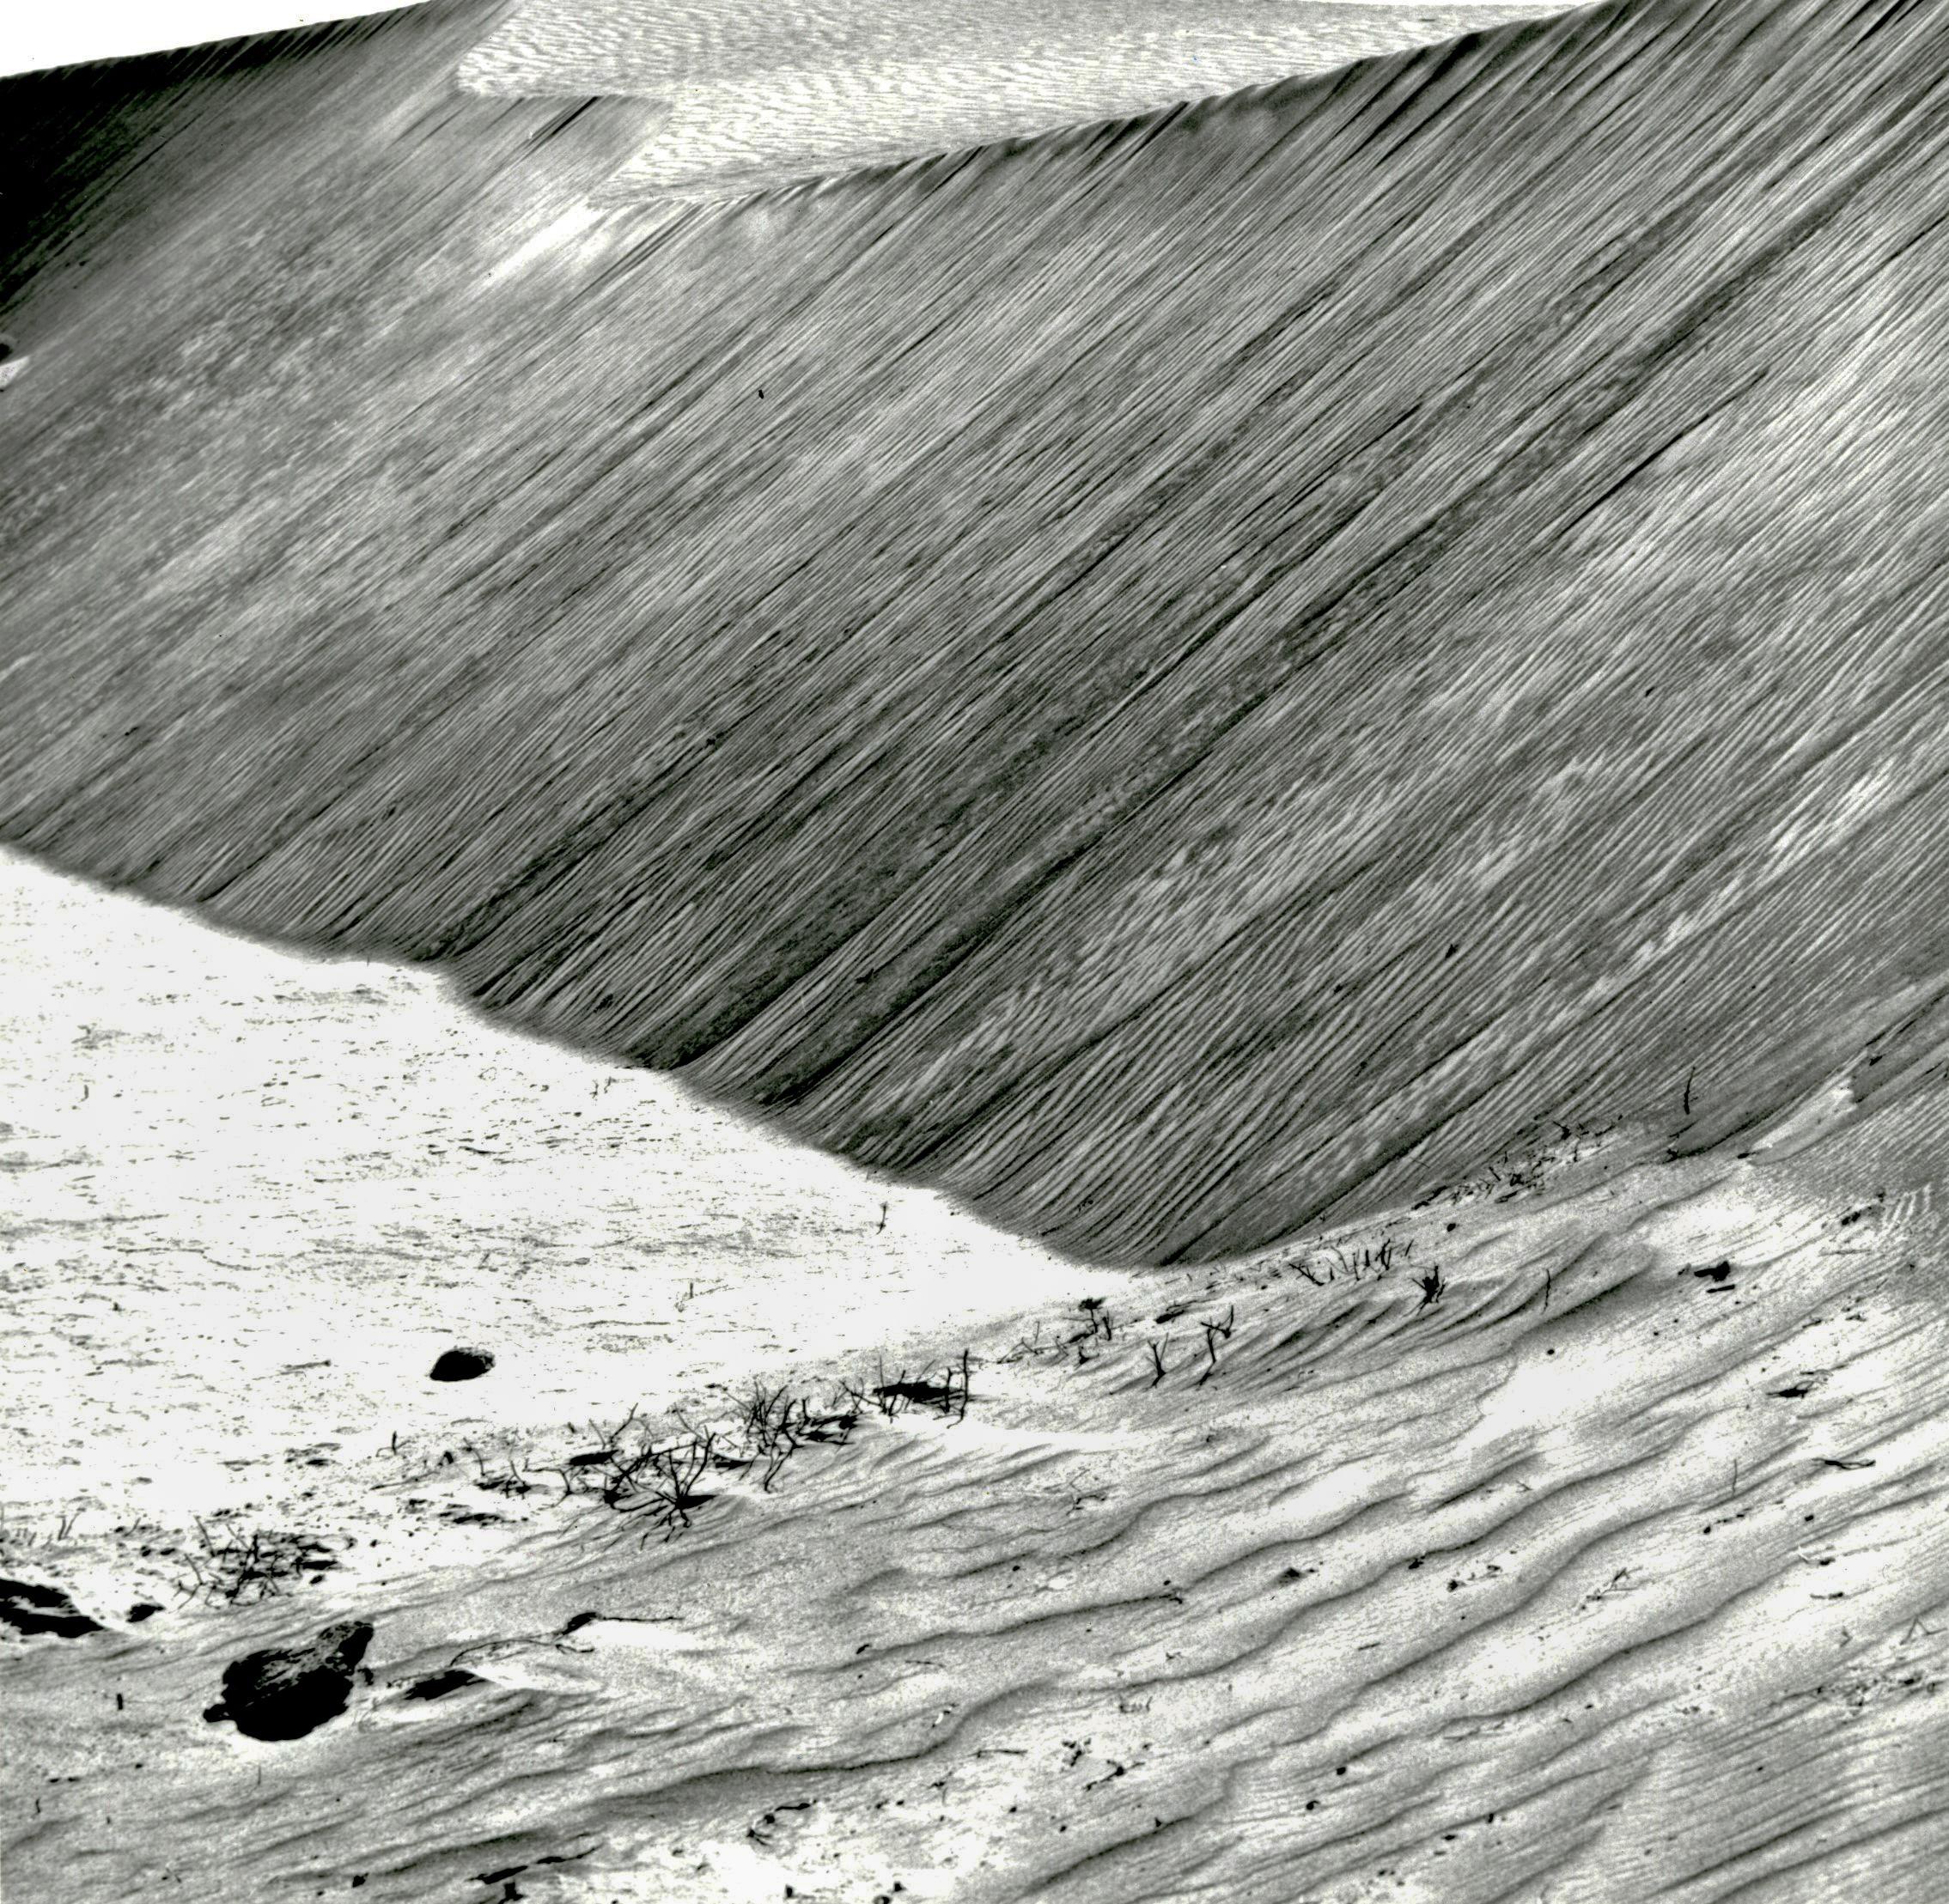 Dunes near Holden, Utah